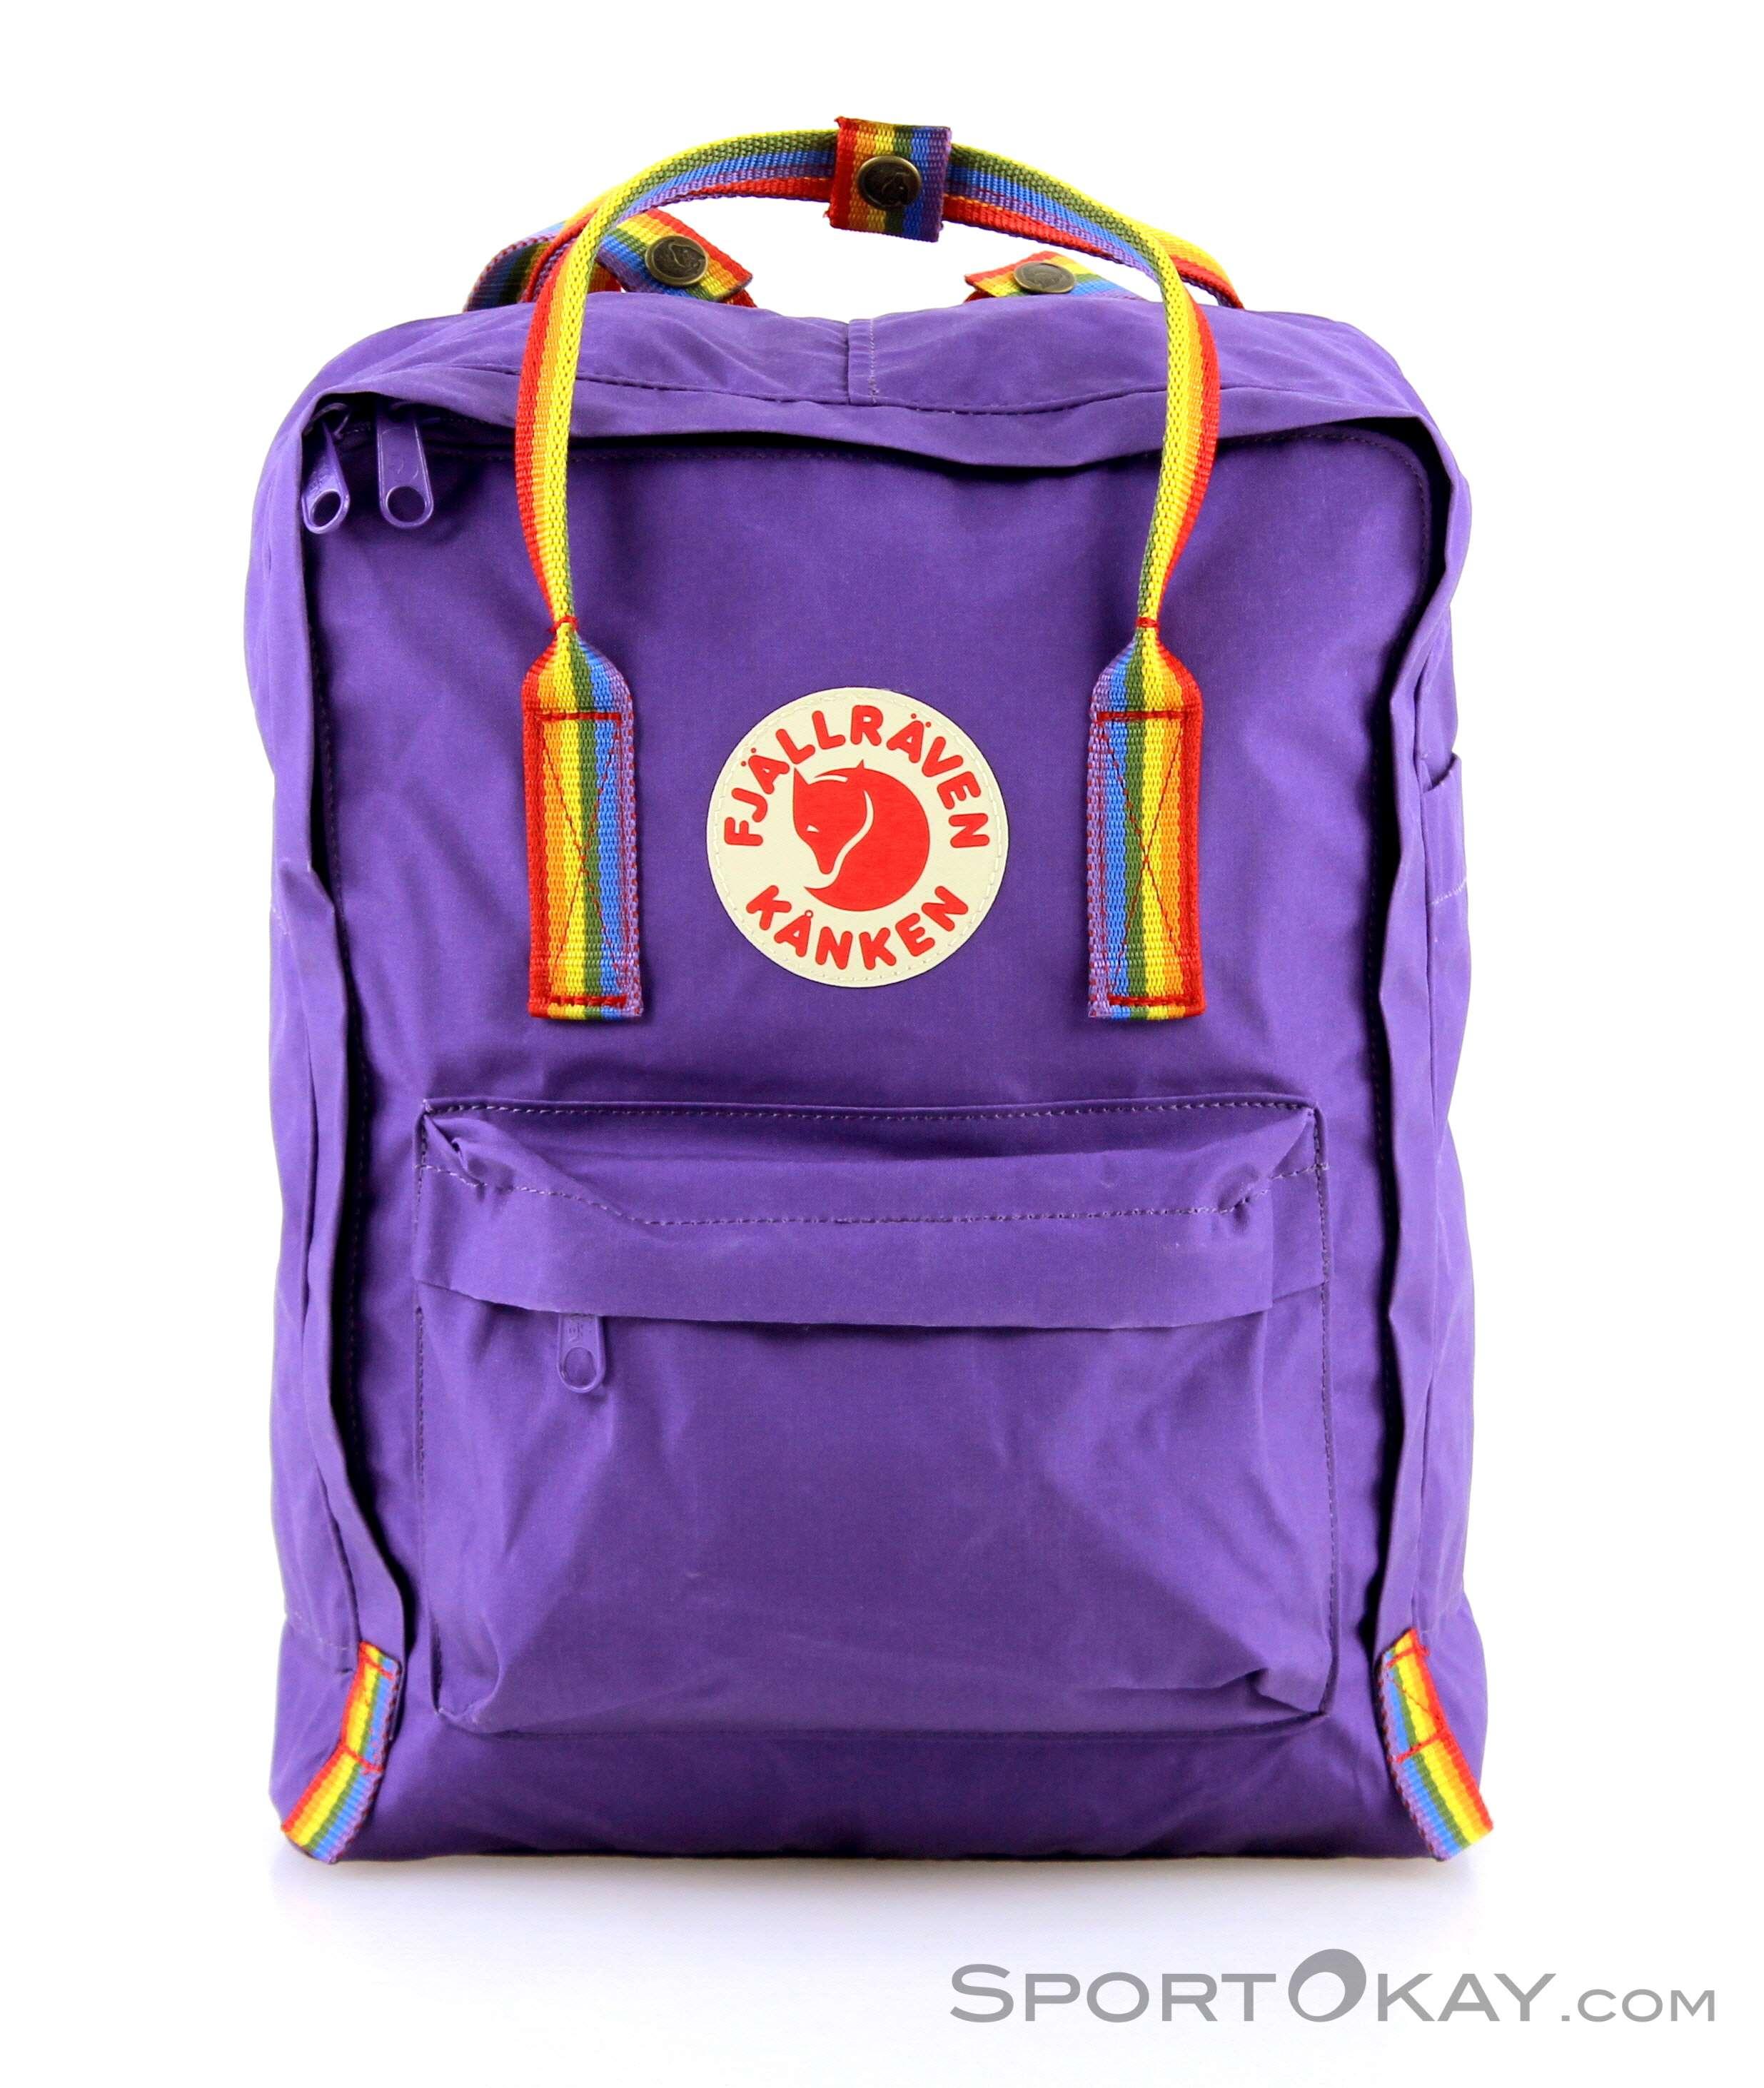 fdc4920e46 Fjällräven Kanken Rainbow 16l Backpack, Fjällräven, Purple, , Male,  0211-10201